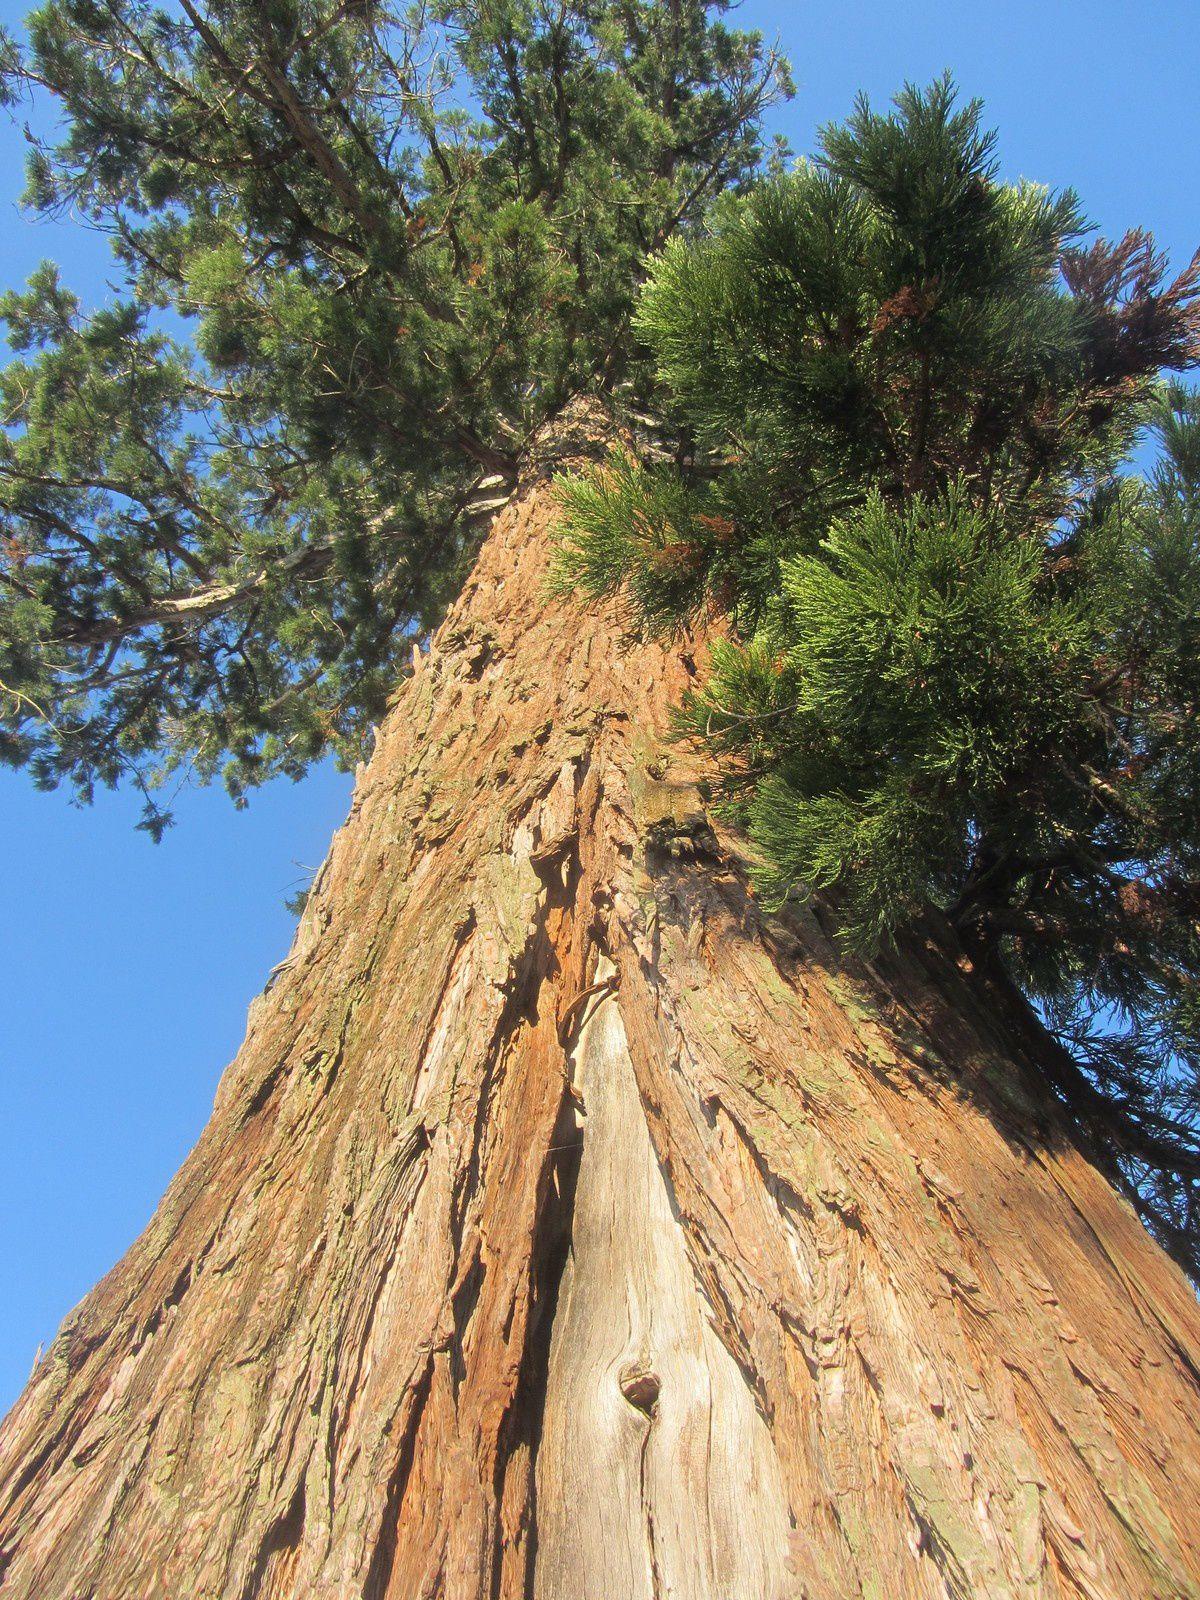 Il fût planté en 1230 est fait parti des arbres remarquables de France.